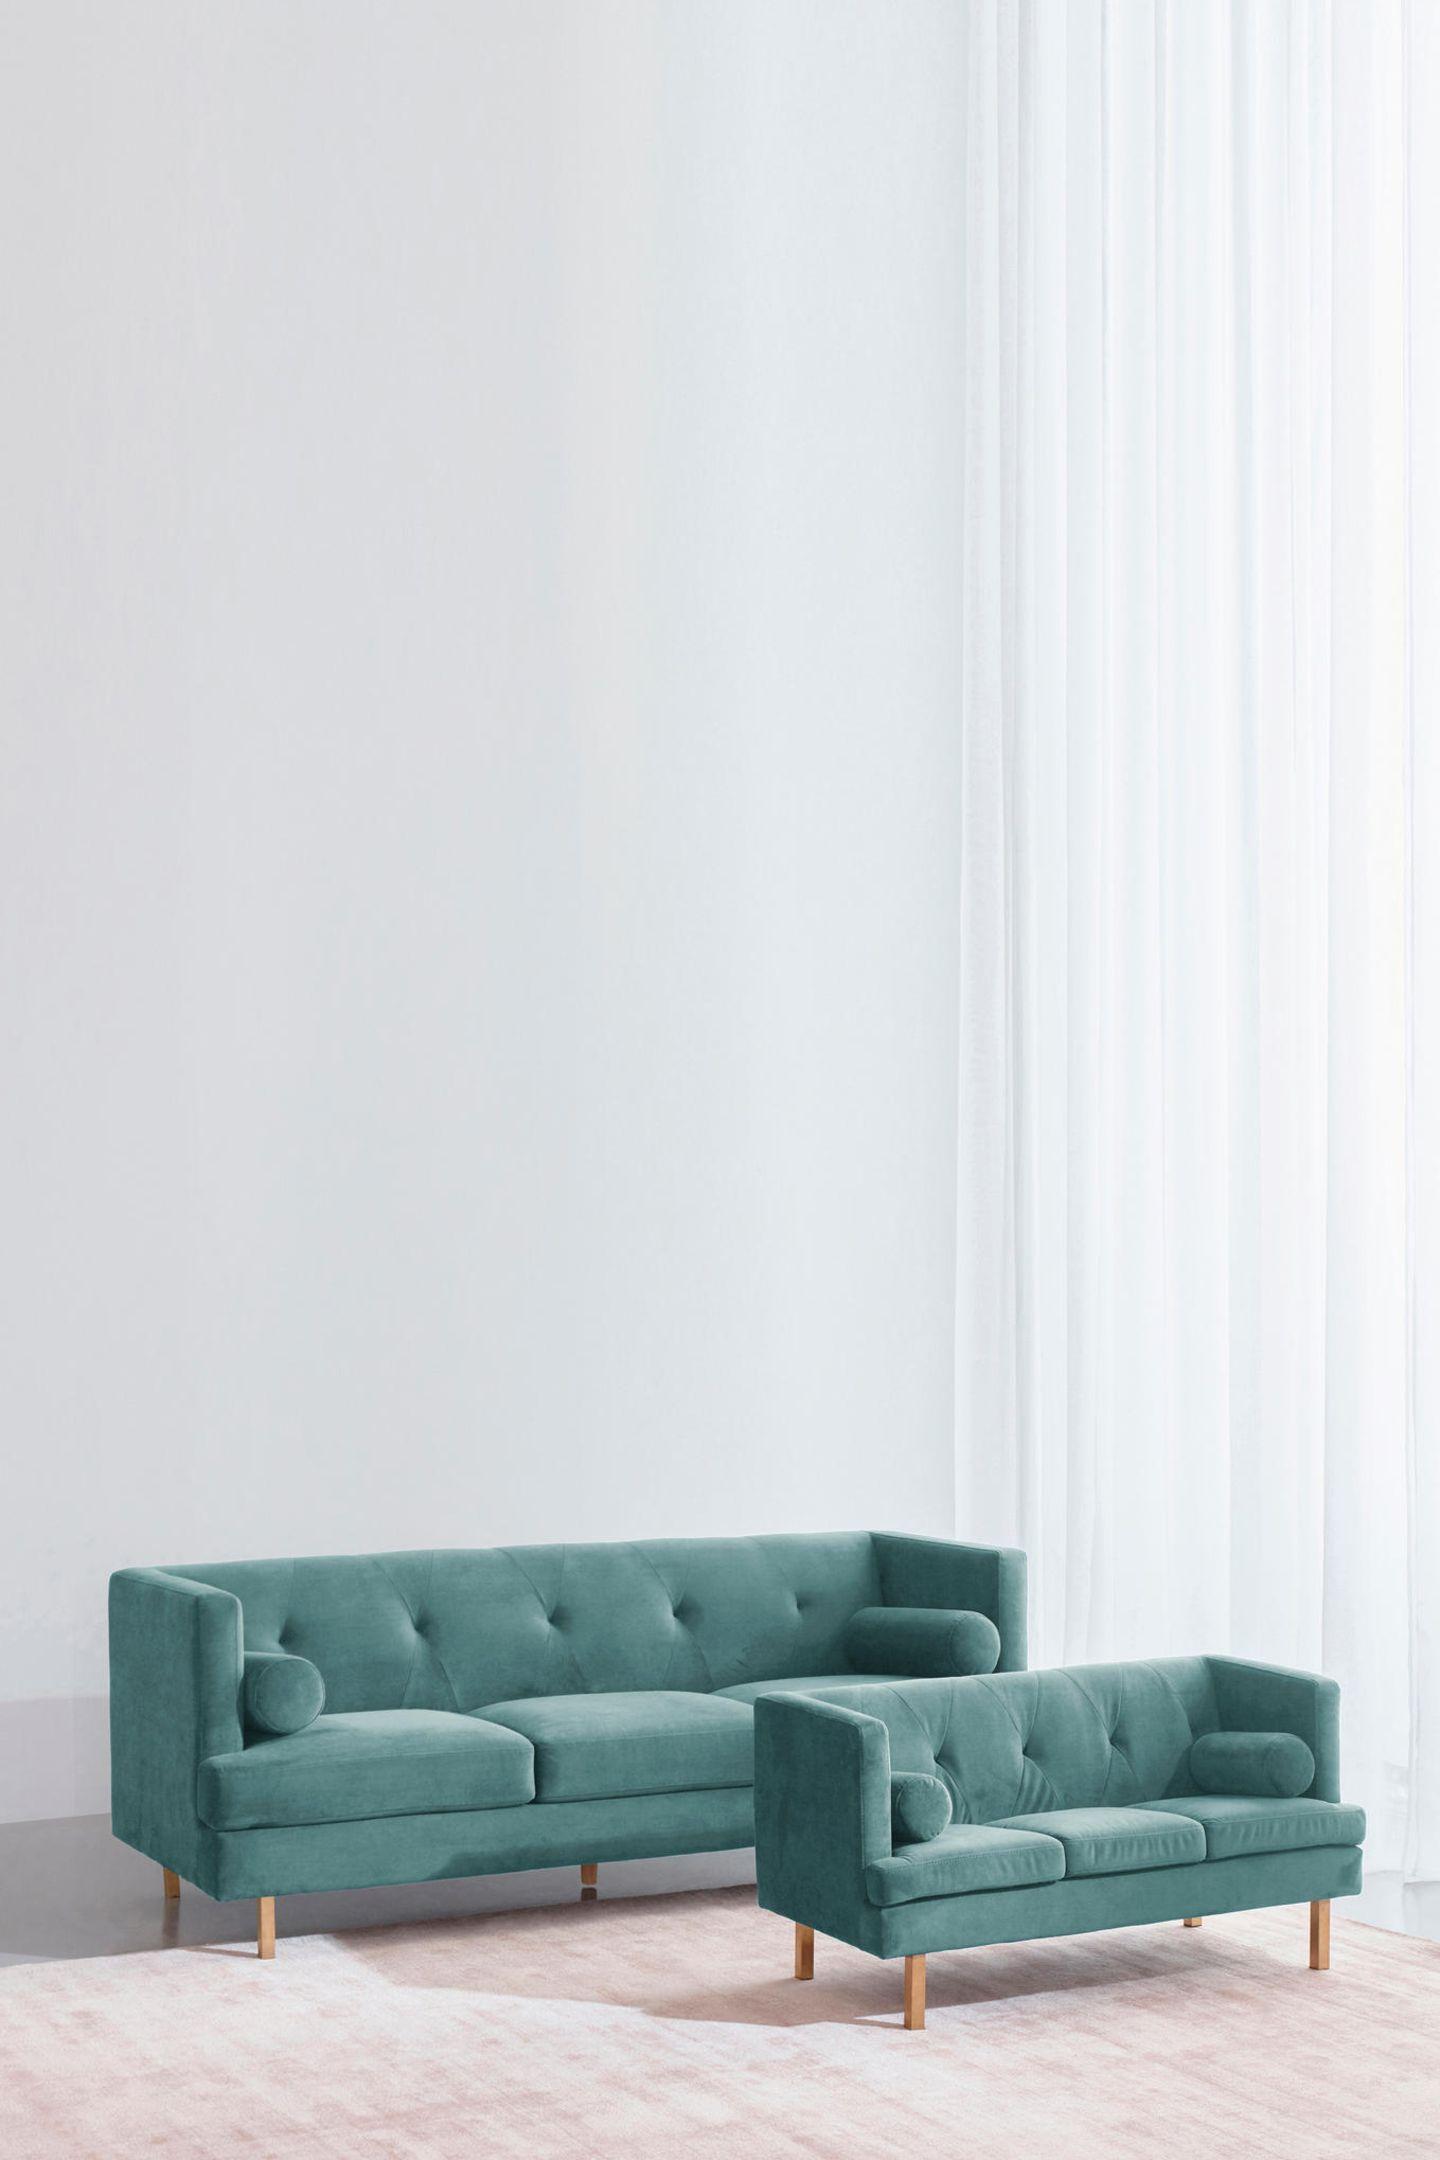 Interior-Partnerlook für Groß und Klein Nicht nur im Fashion-Bereich eifern Kids ihren Eltern nach. Diese außergewöhnlichen Interior Pieces greifen den Partnerlook-Trend für die eigenen vier Wände auf. OAKDALE 3-Sitzer-Sofa, von Jotex ca.1.000Euro; MINI Kindersofa ca. 350Euro.